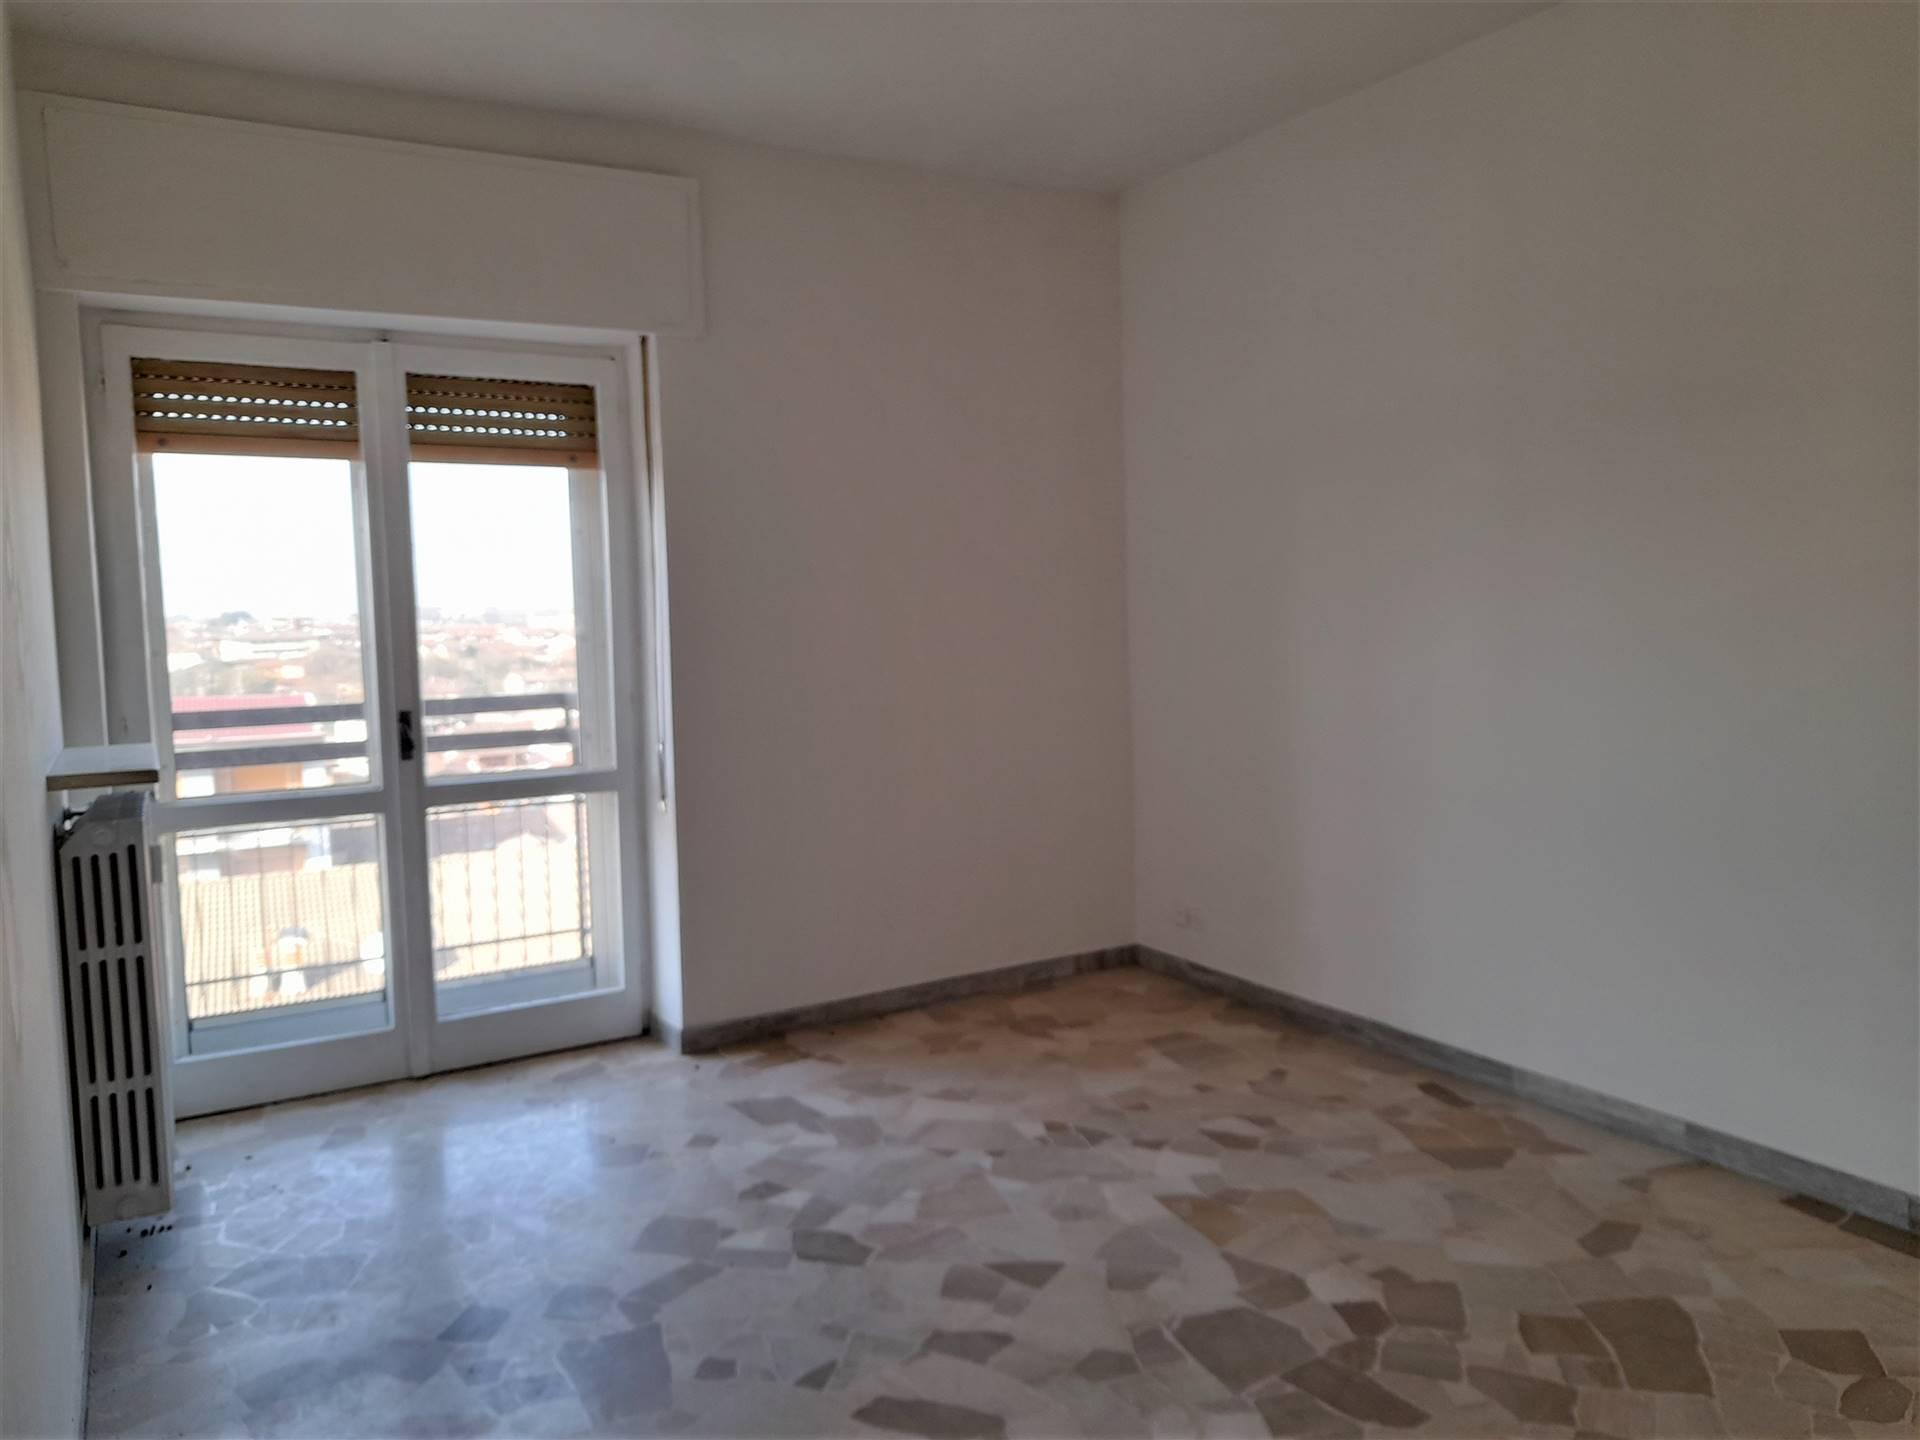 Appartamento in vendita a Sant'Angelo Lodigiano, 2 locali, prezzo € 65.000   CambioCasa.it